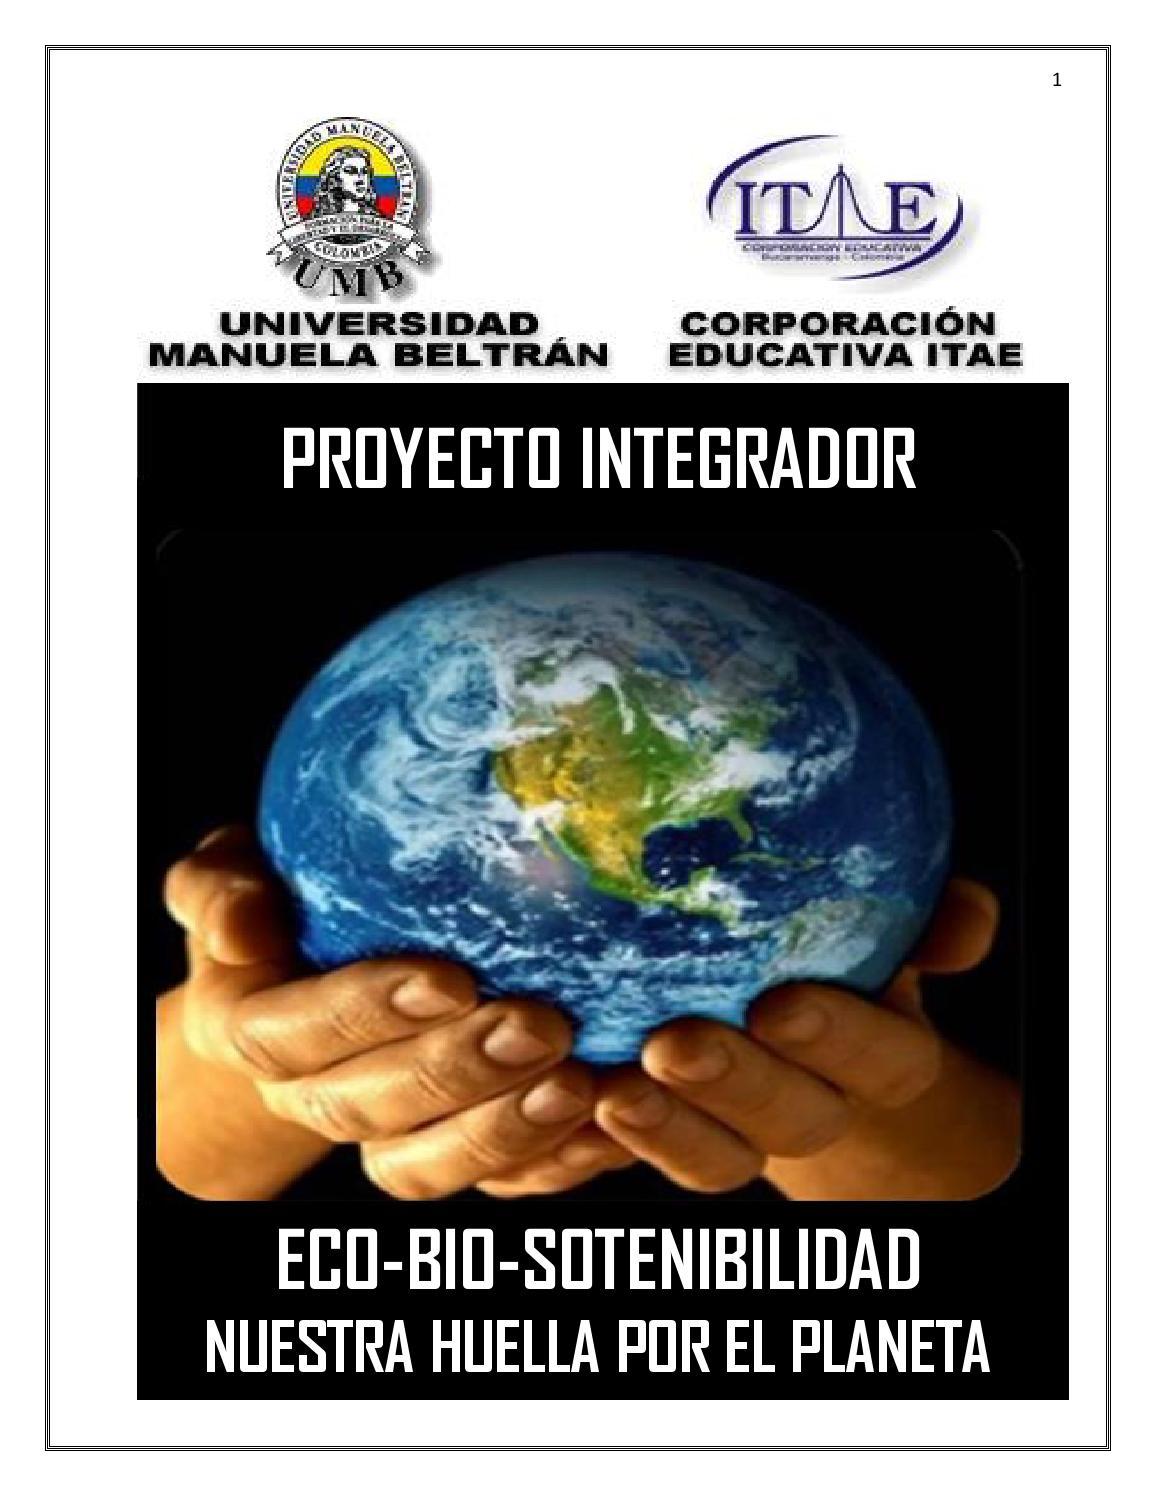 2 Incidencias De La Construccion En El Ecosistema De Bucaramanga  # Muebles Jireh Bucaramanga